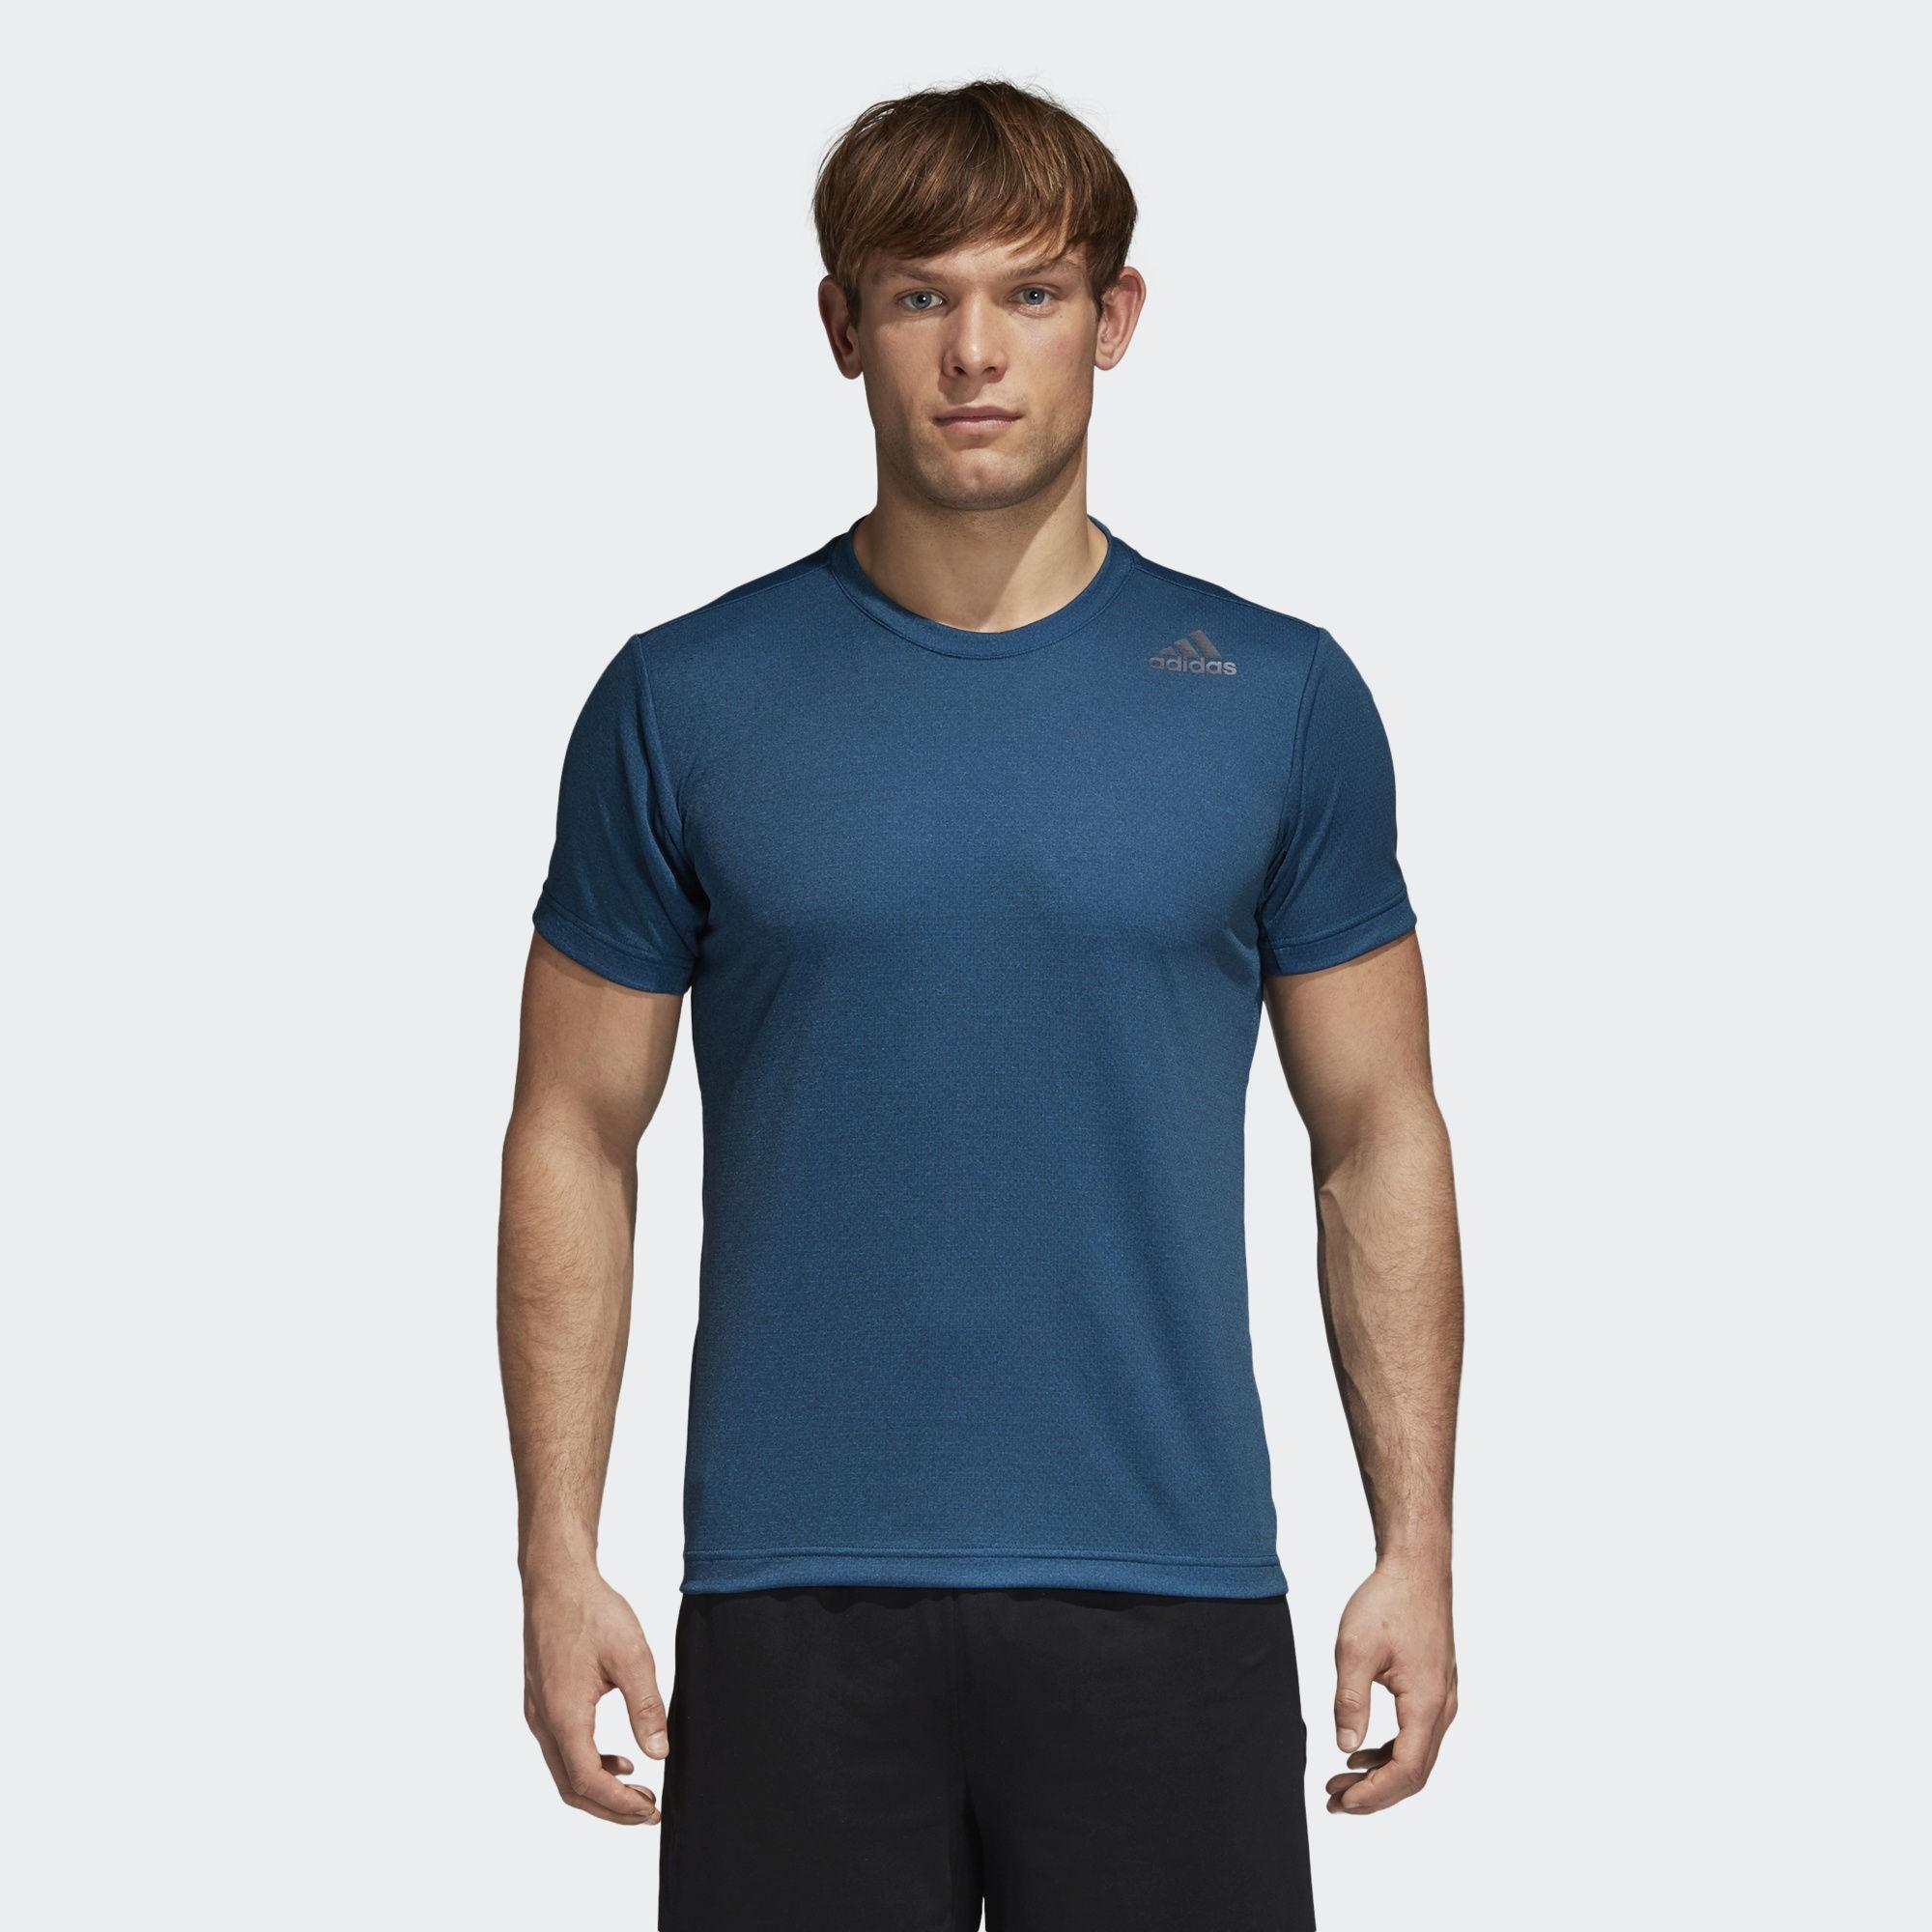 Adidas Camiseta Cz9046 Cl Freelift Manzanedo Deportes p8qzYU